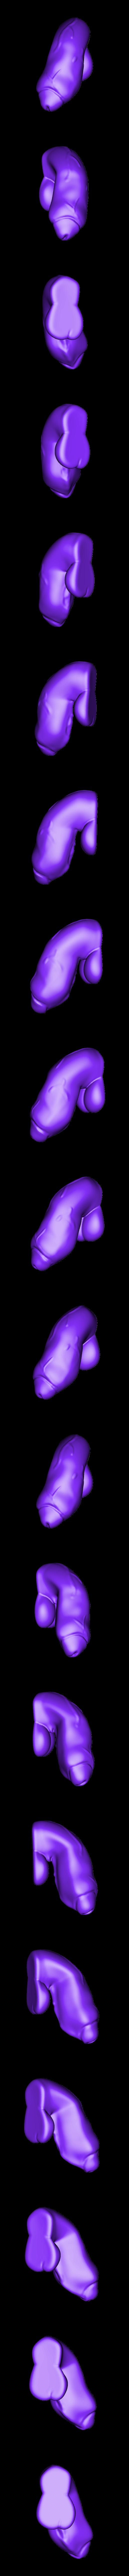 UMesh_Cock12020_(2)1_2_SubTool3.stl Download STL file dicks,cocks,penises,dildos,diferent desings with balls. • 3D printer model, gaaraa